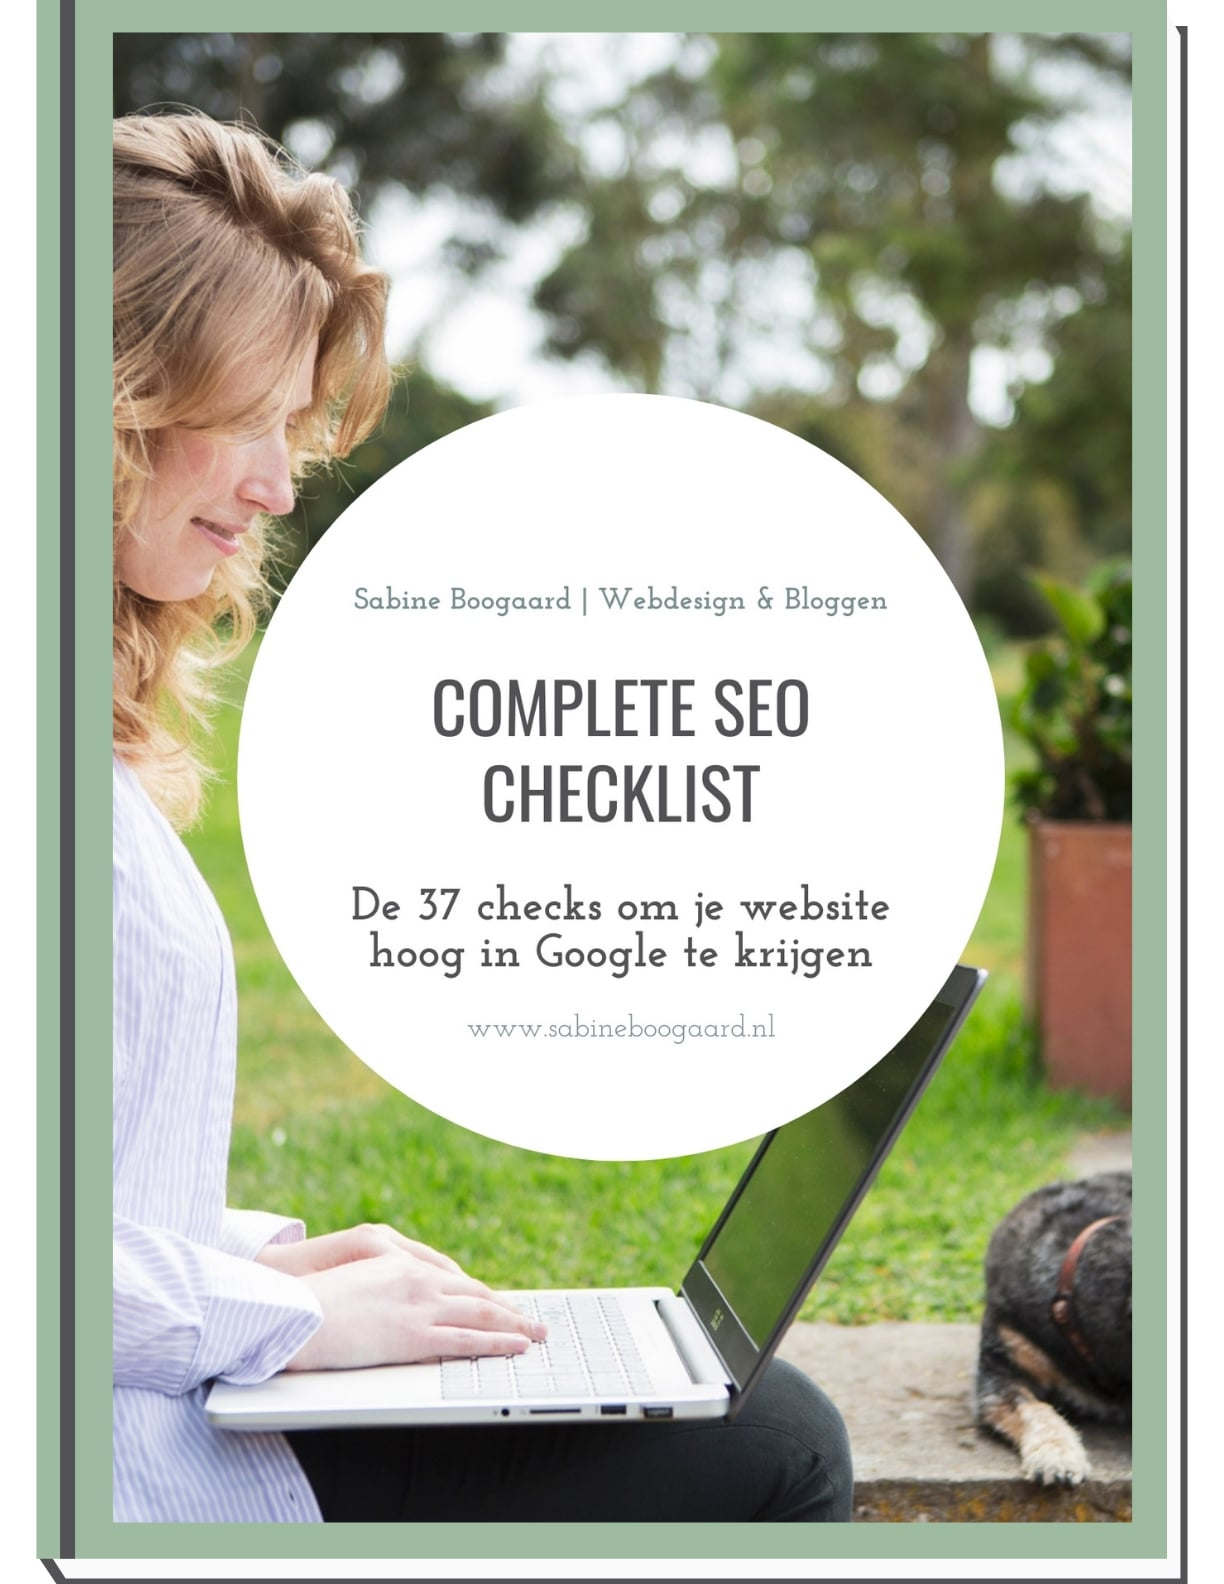 SEO checklist voor zoekmachine optimalisatie